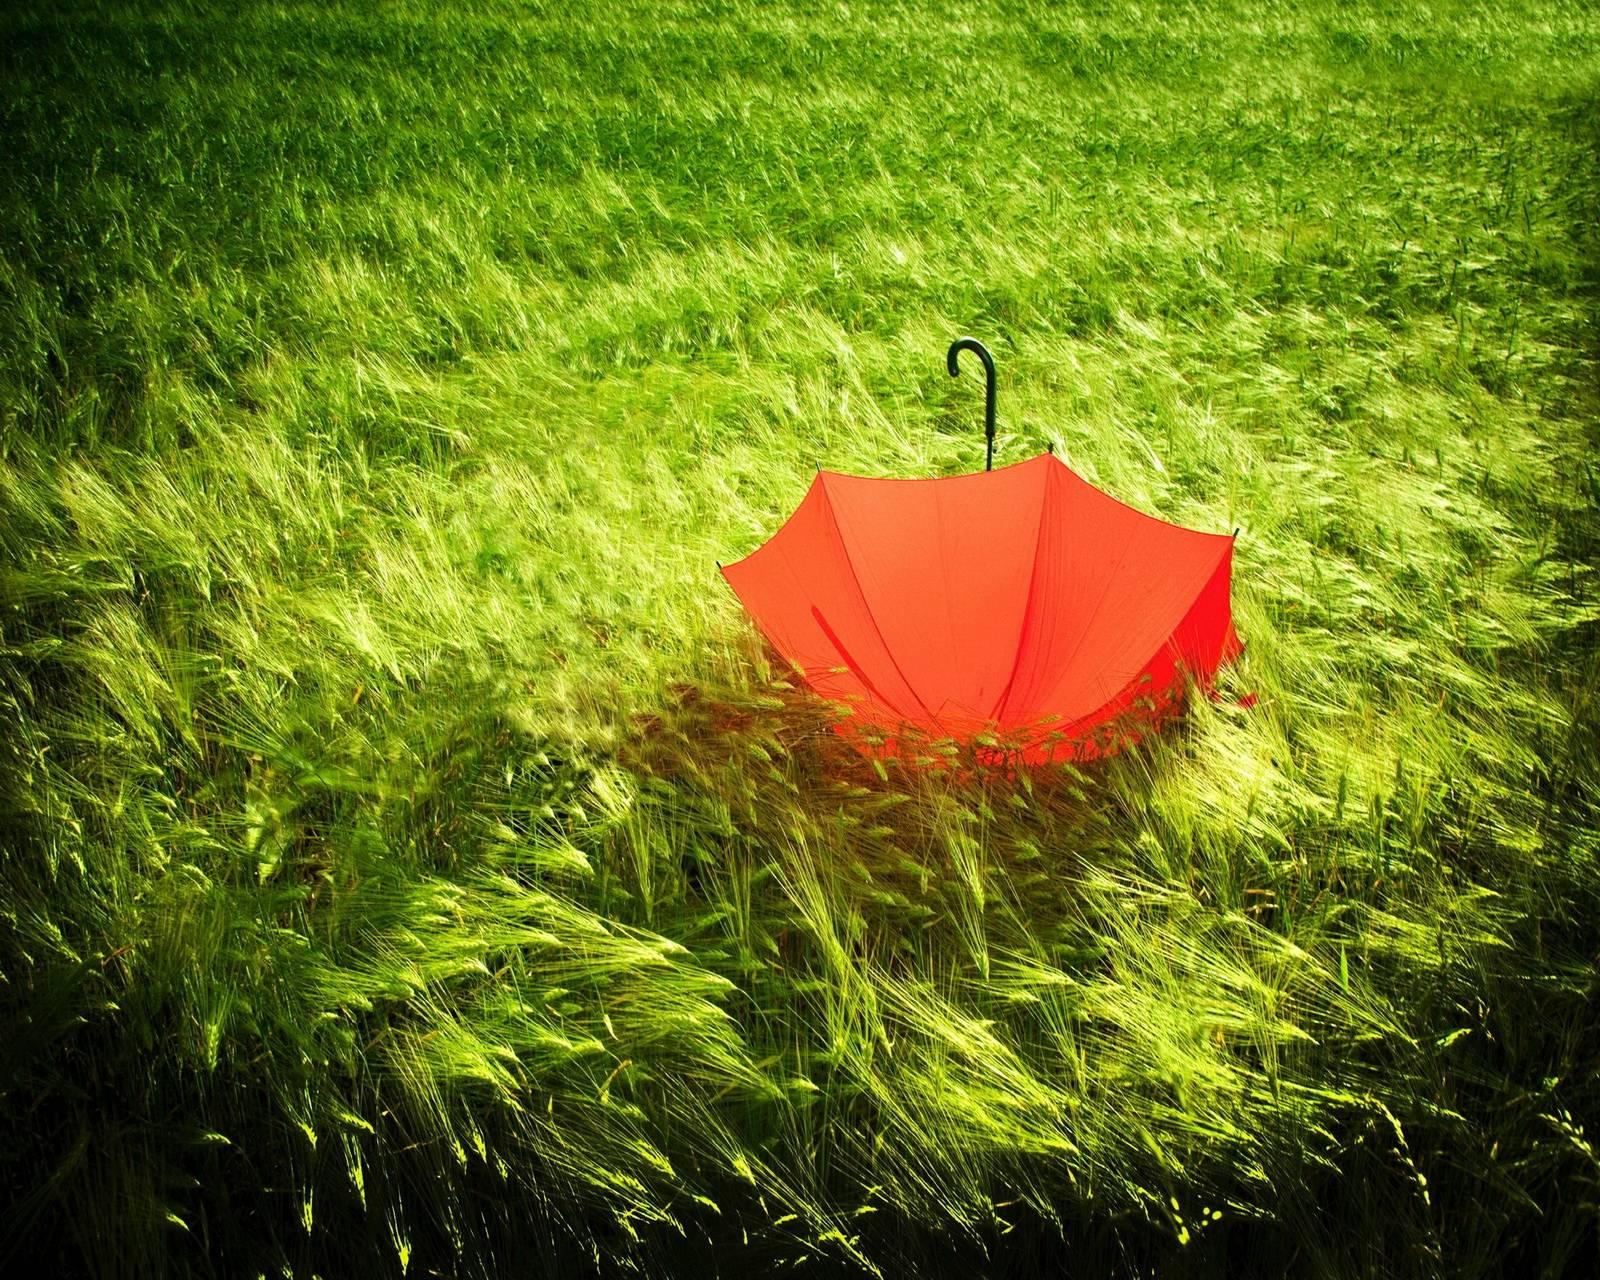 Lonely Umbrella